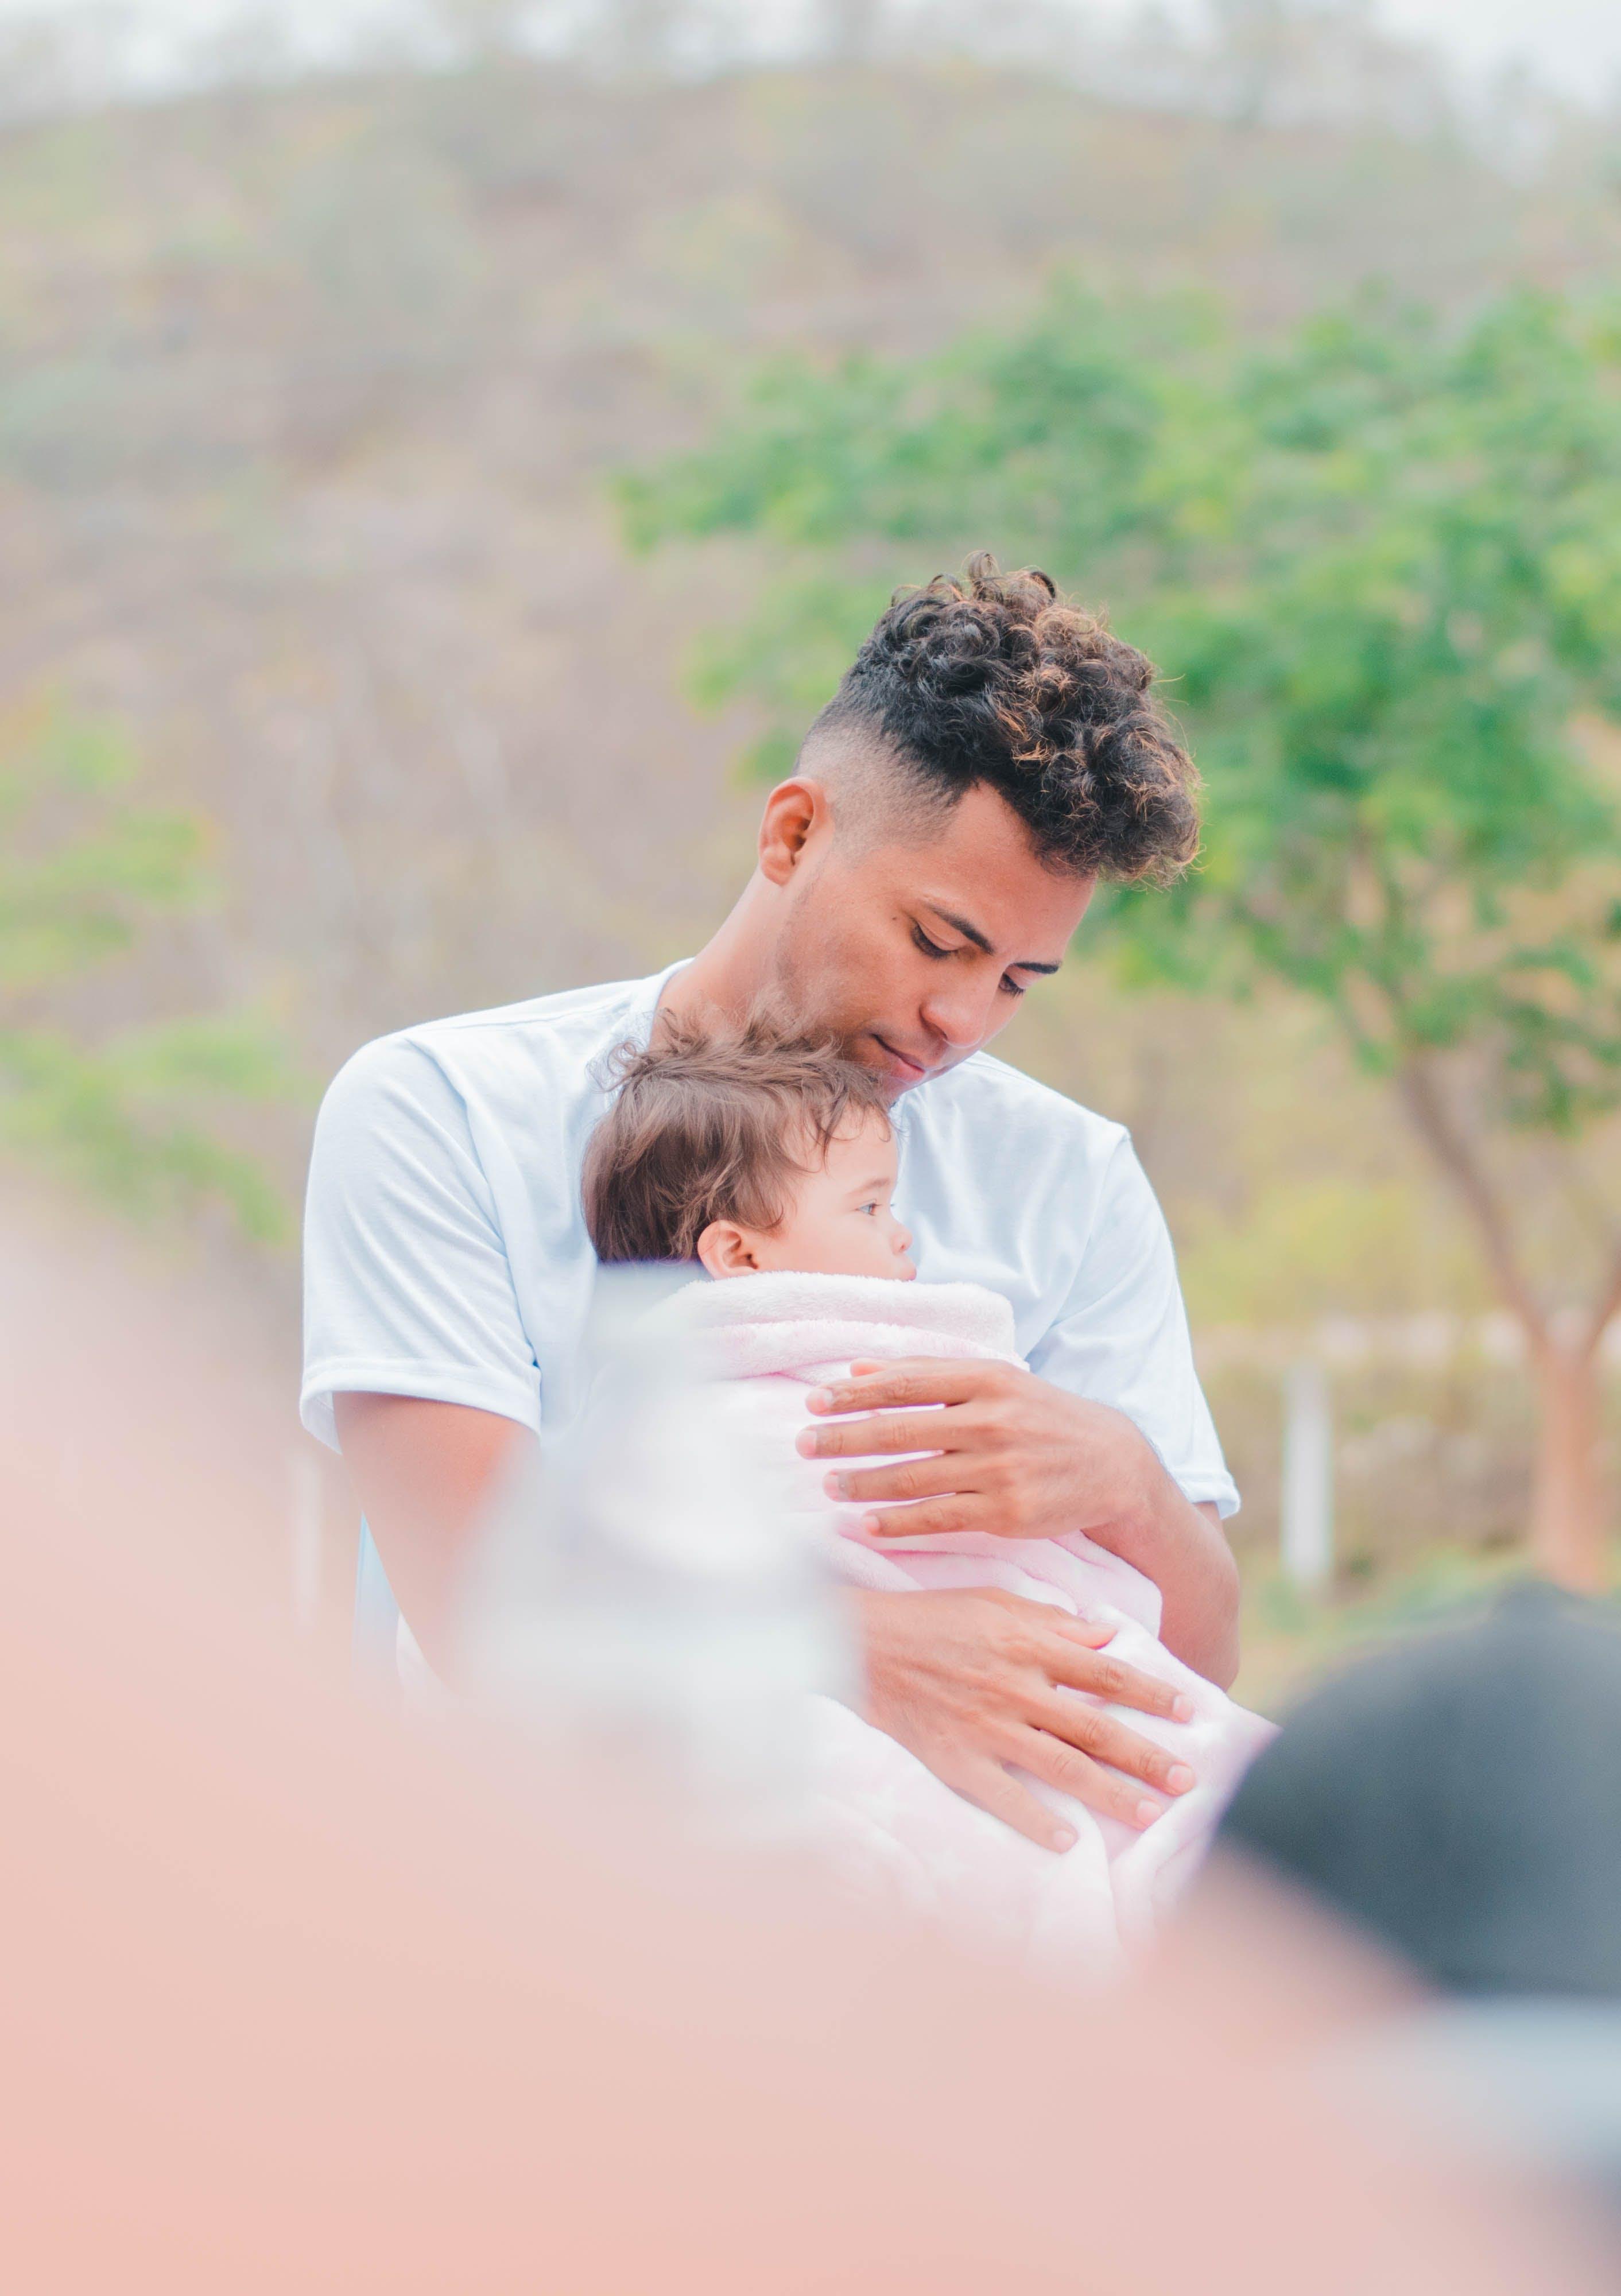 Aşk, baba ve çocuk, beraber, beraberlik içeren Ücretsiz stok fotoğraf